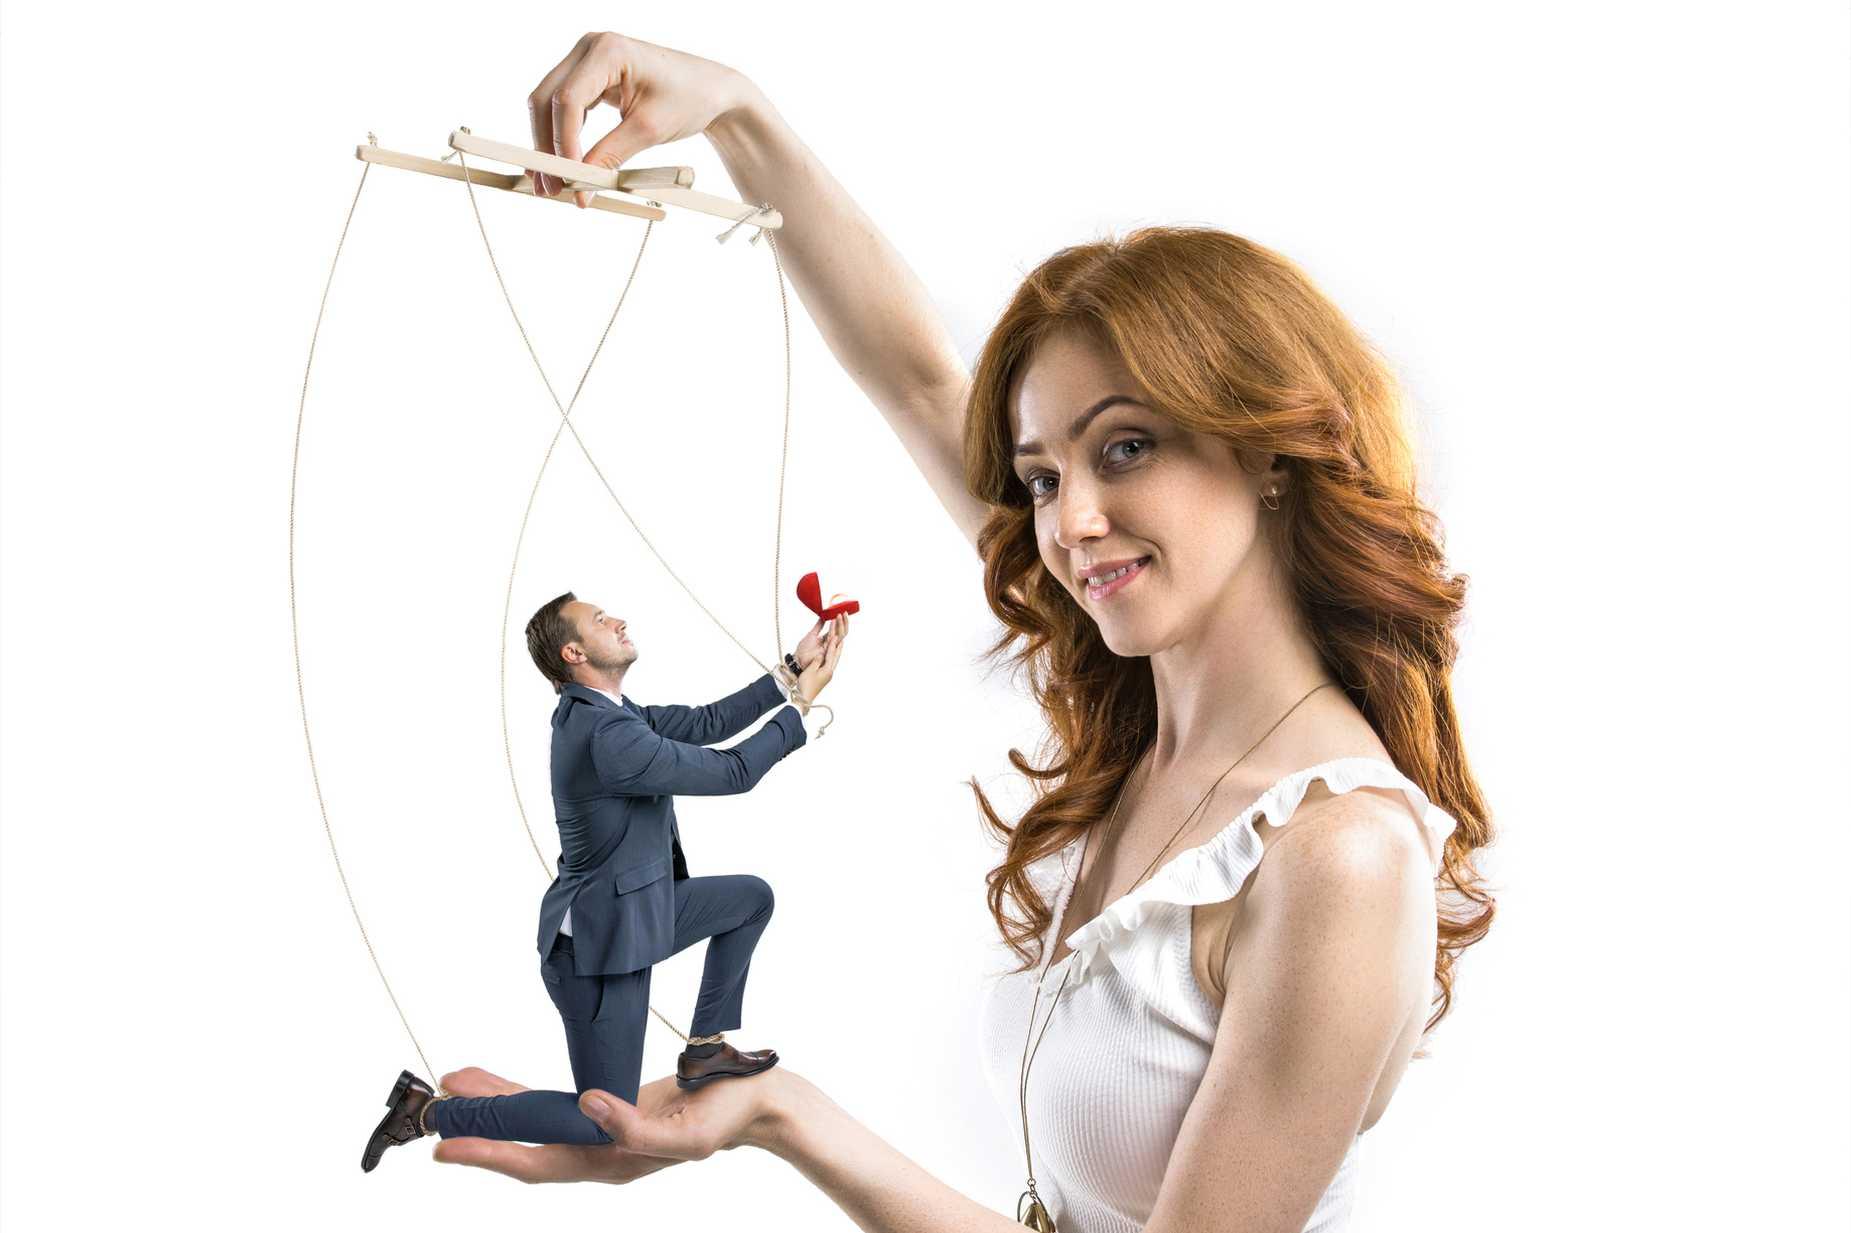 Rzeczywistość po rozwodzie po pierwszej randce